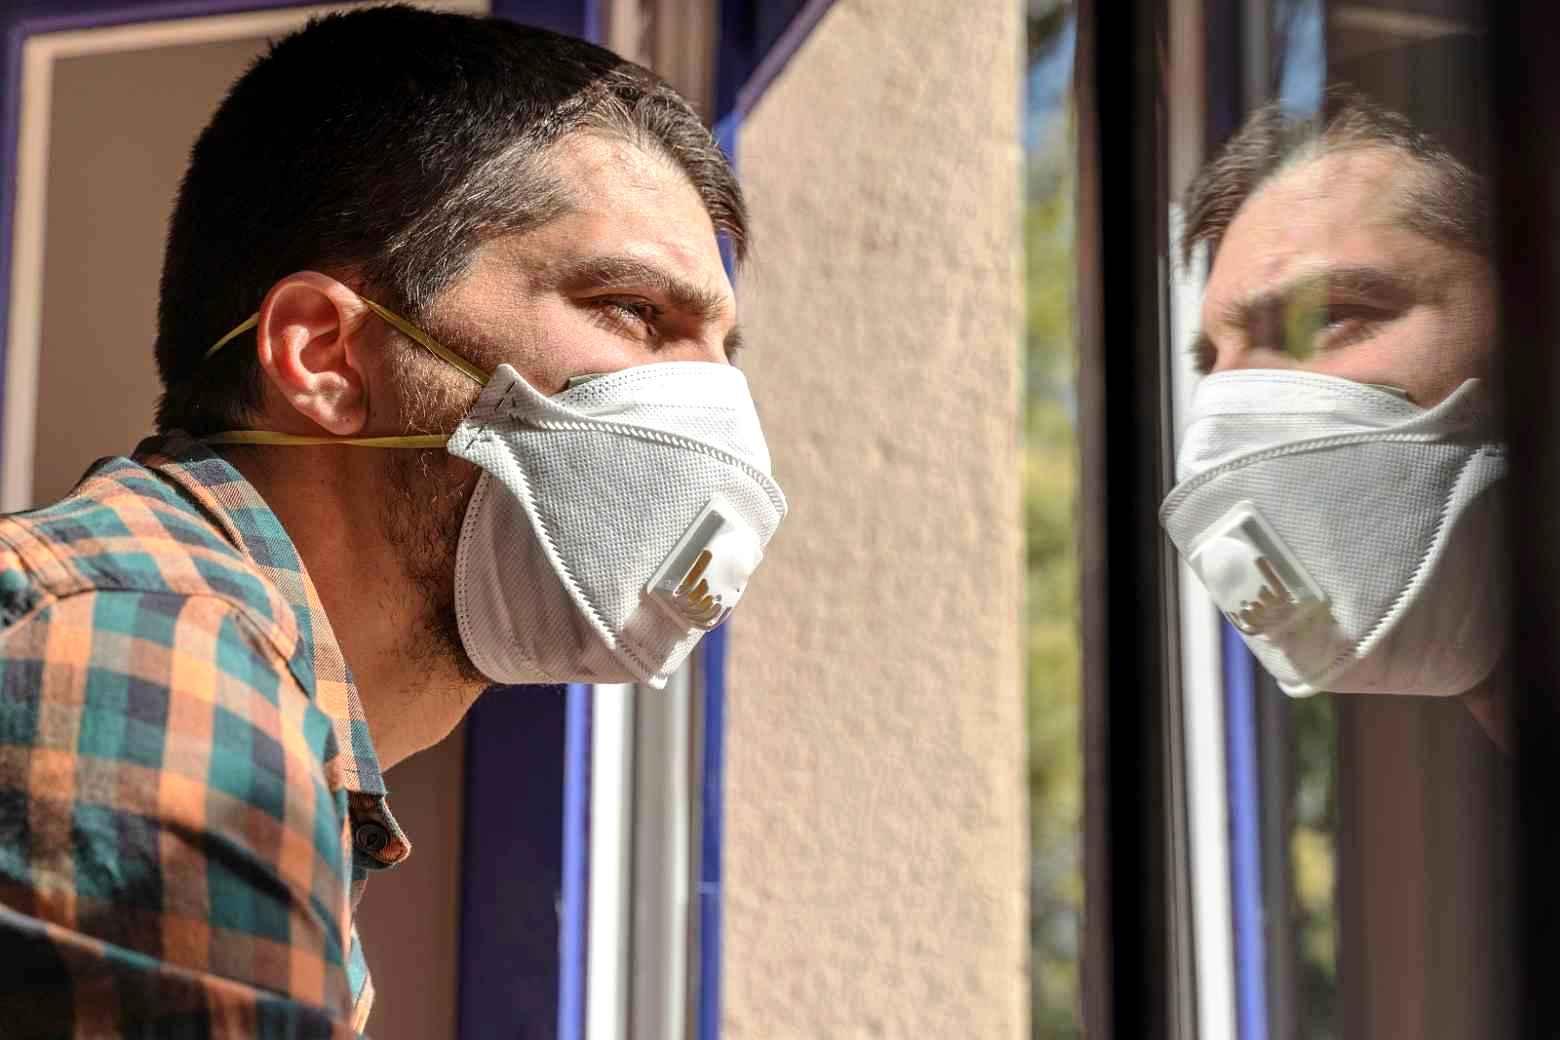 Chráněno: Kdy už bude koronaviru konec? Co vám odborníci zatím neprozradili.